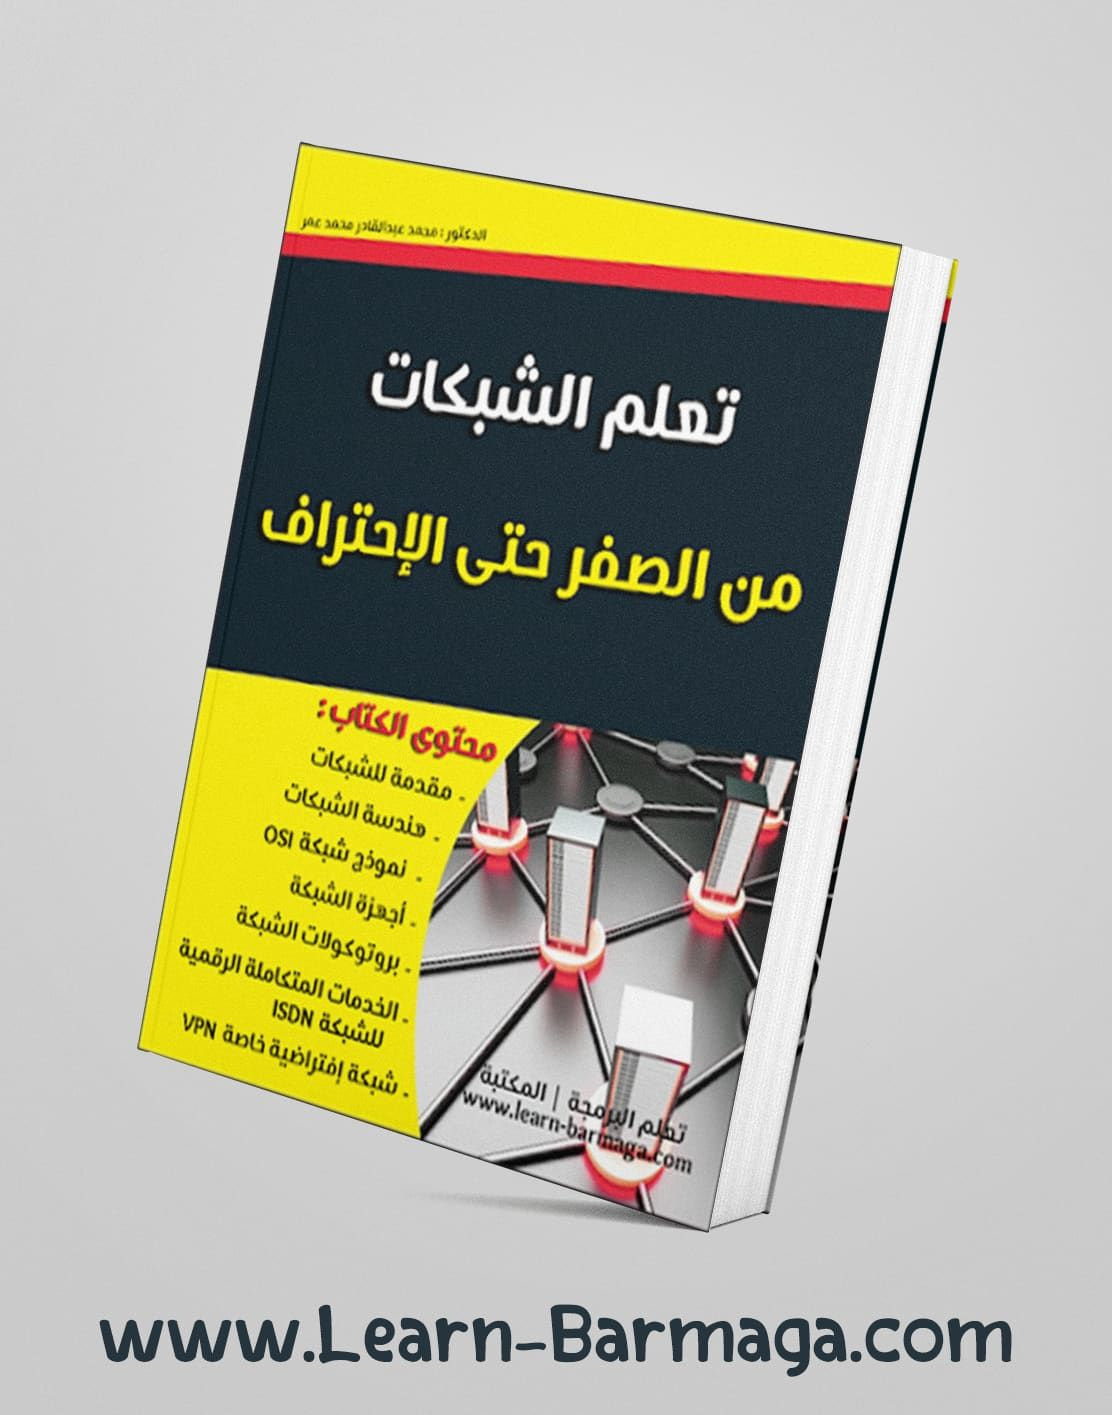 كتاب تعلم الشبكات من الصفر حتى الإحتراف Book Cover Books Learning